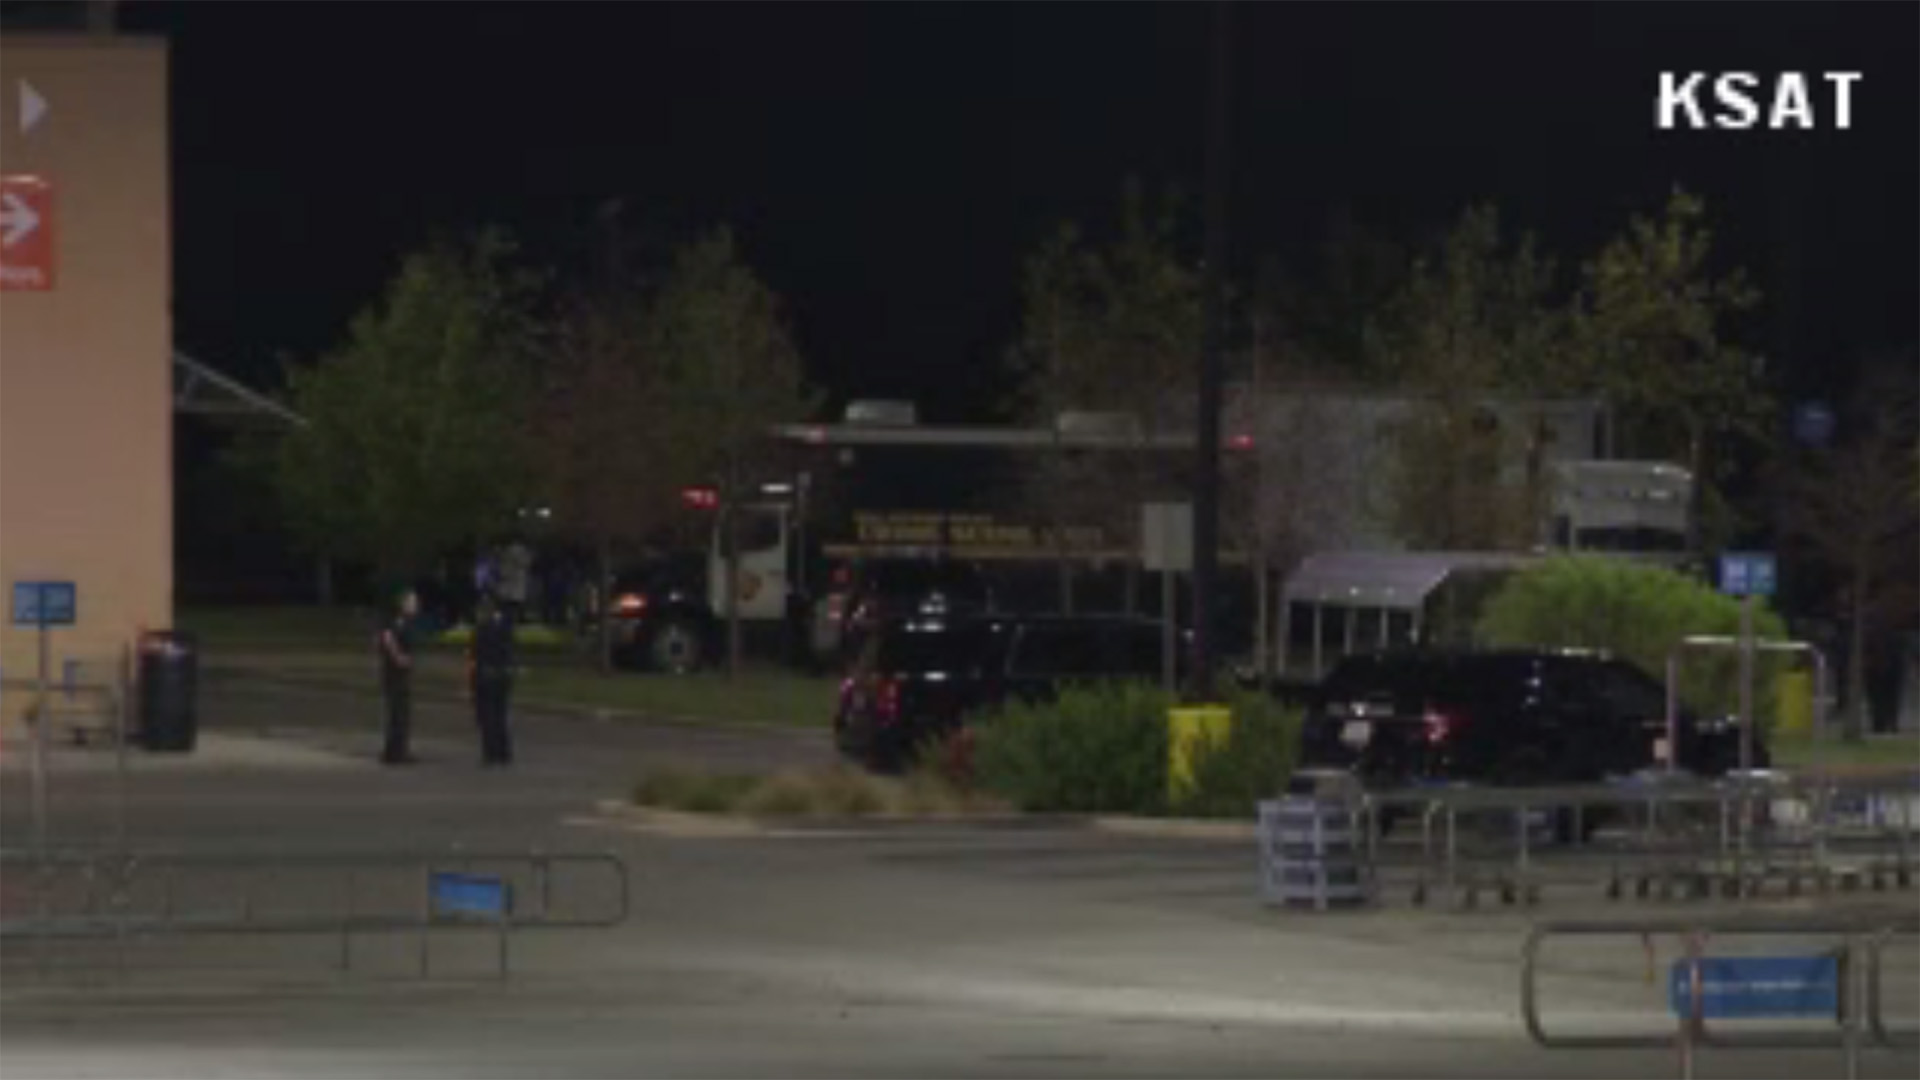 Semitrailer, semi, tractor trailer in San Antonio, video screenshot_1500808717016-159532.jpg66318399